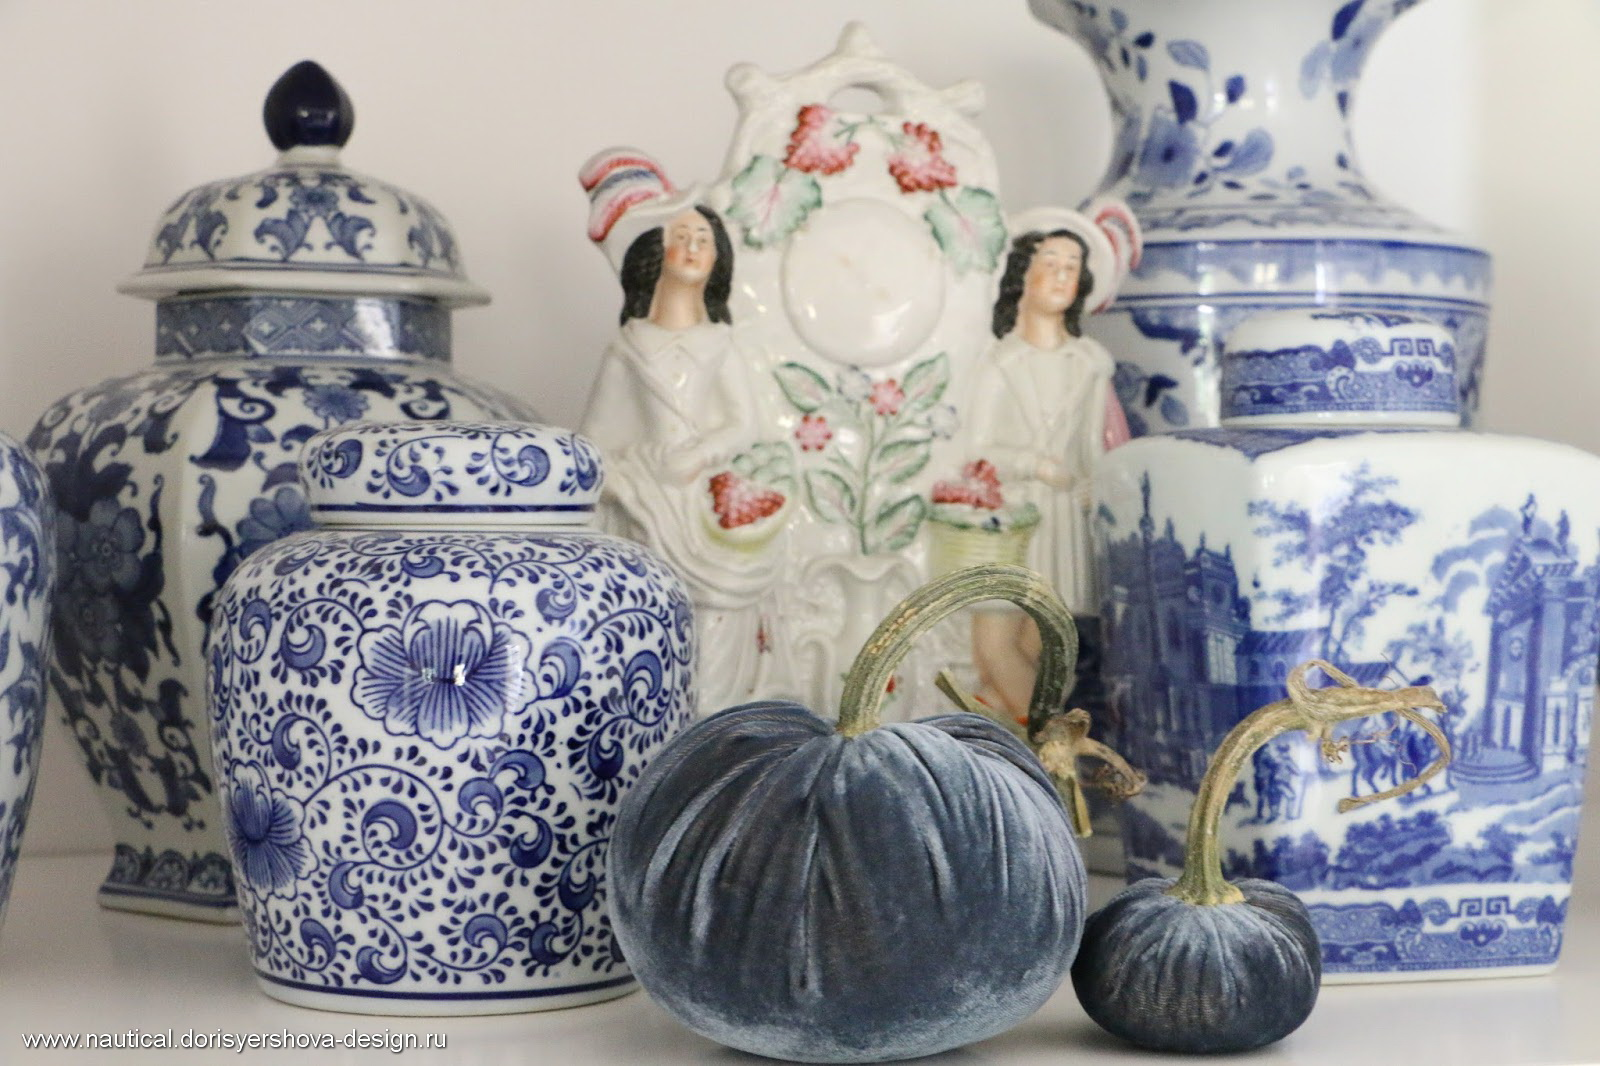 тыквы из бархата и китайские вазы